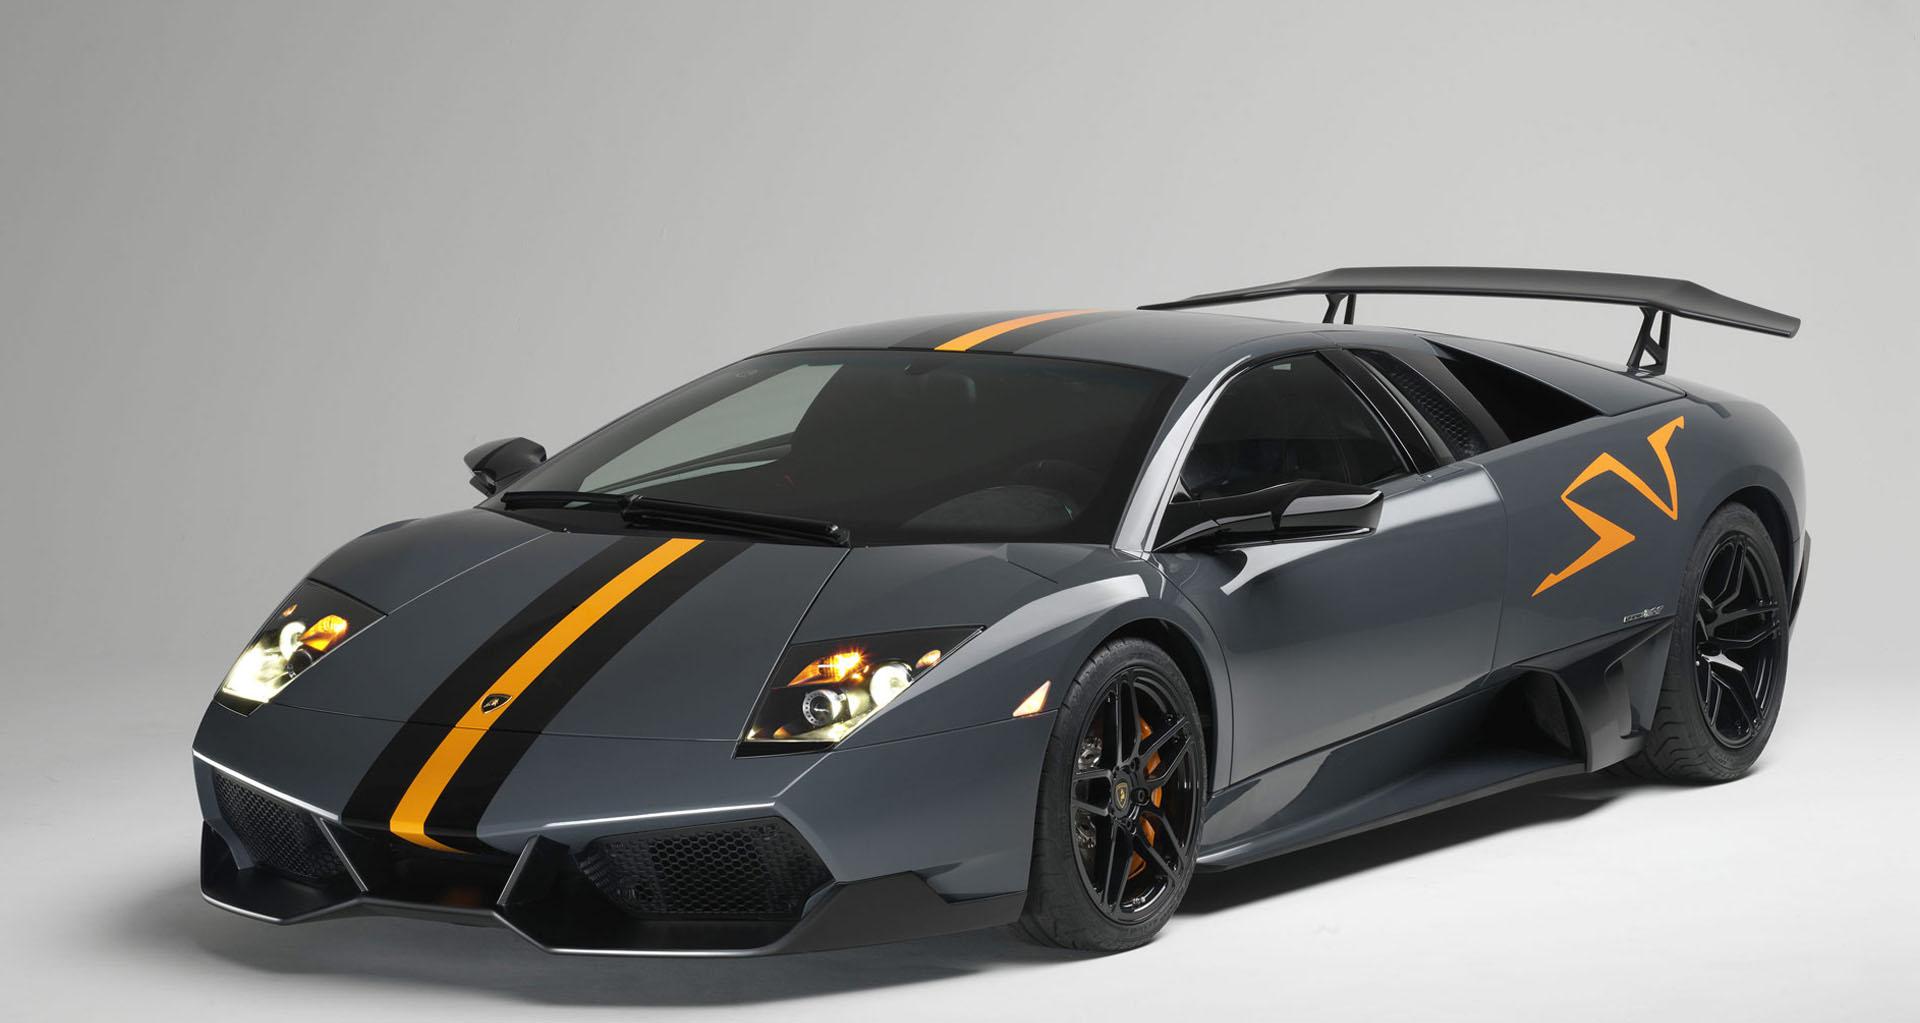 72+ Black Lamborghini Wallpaper on WallpaperSafari